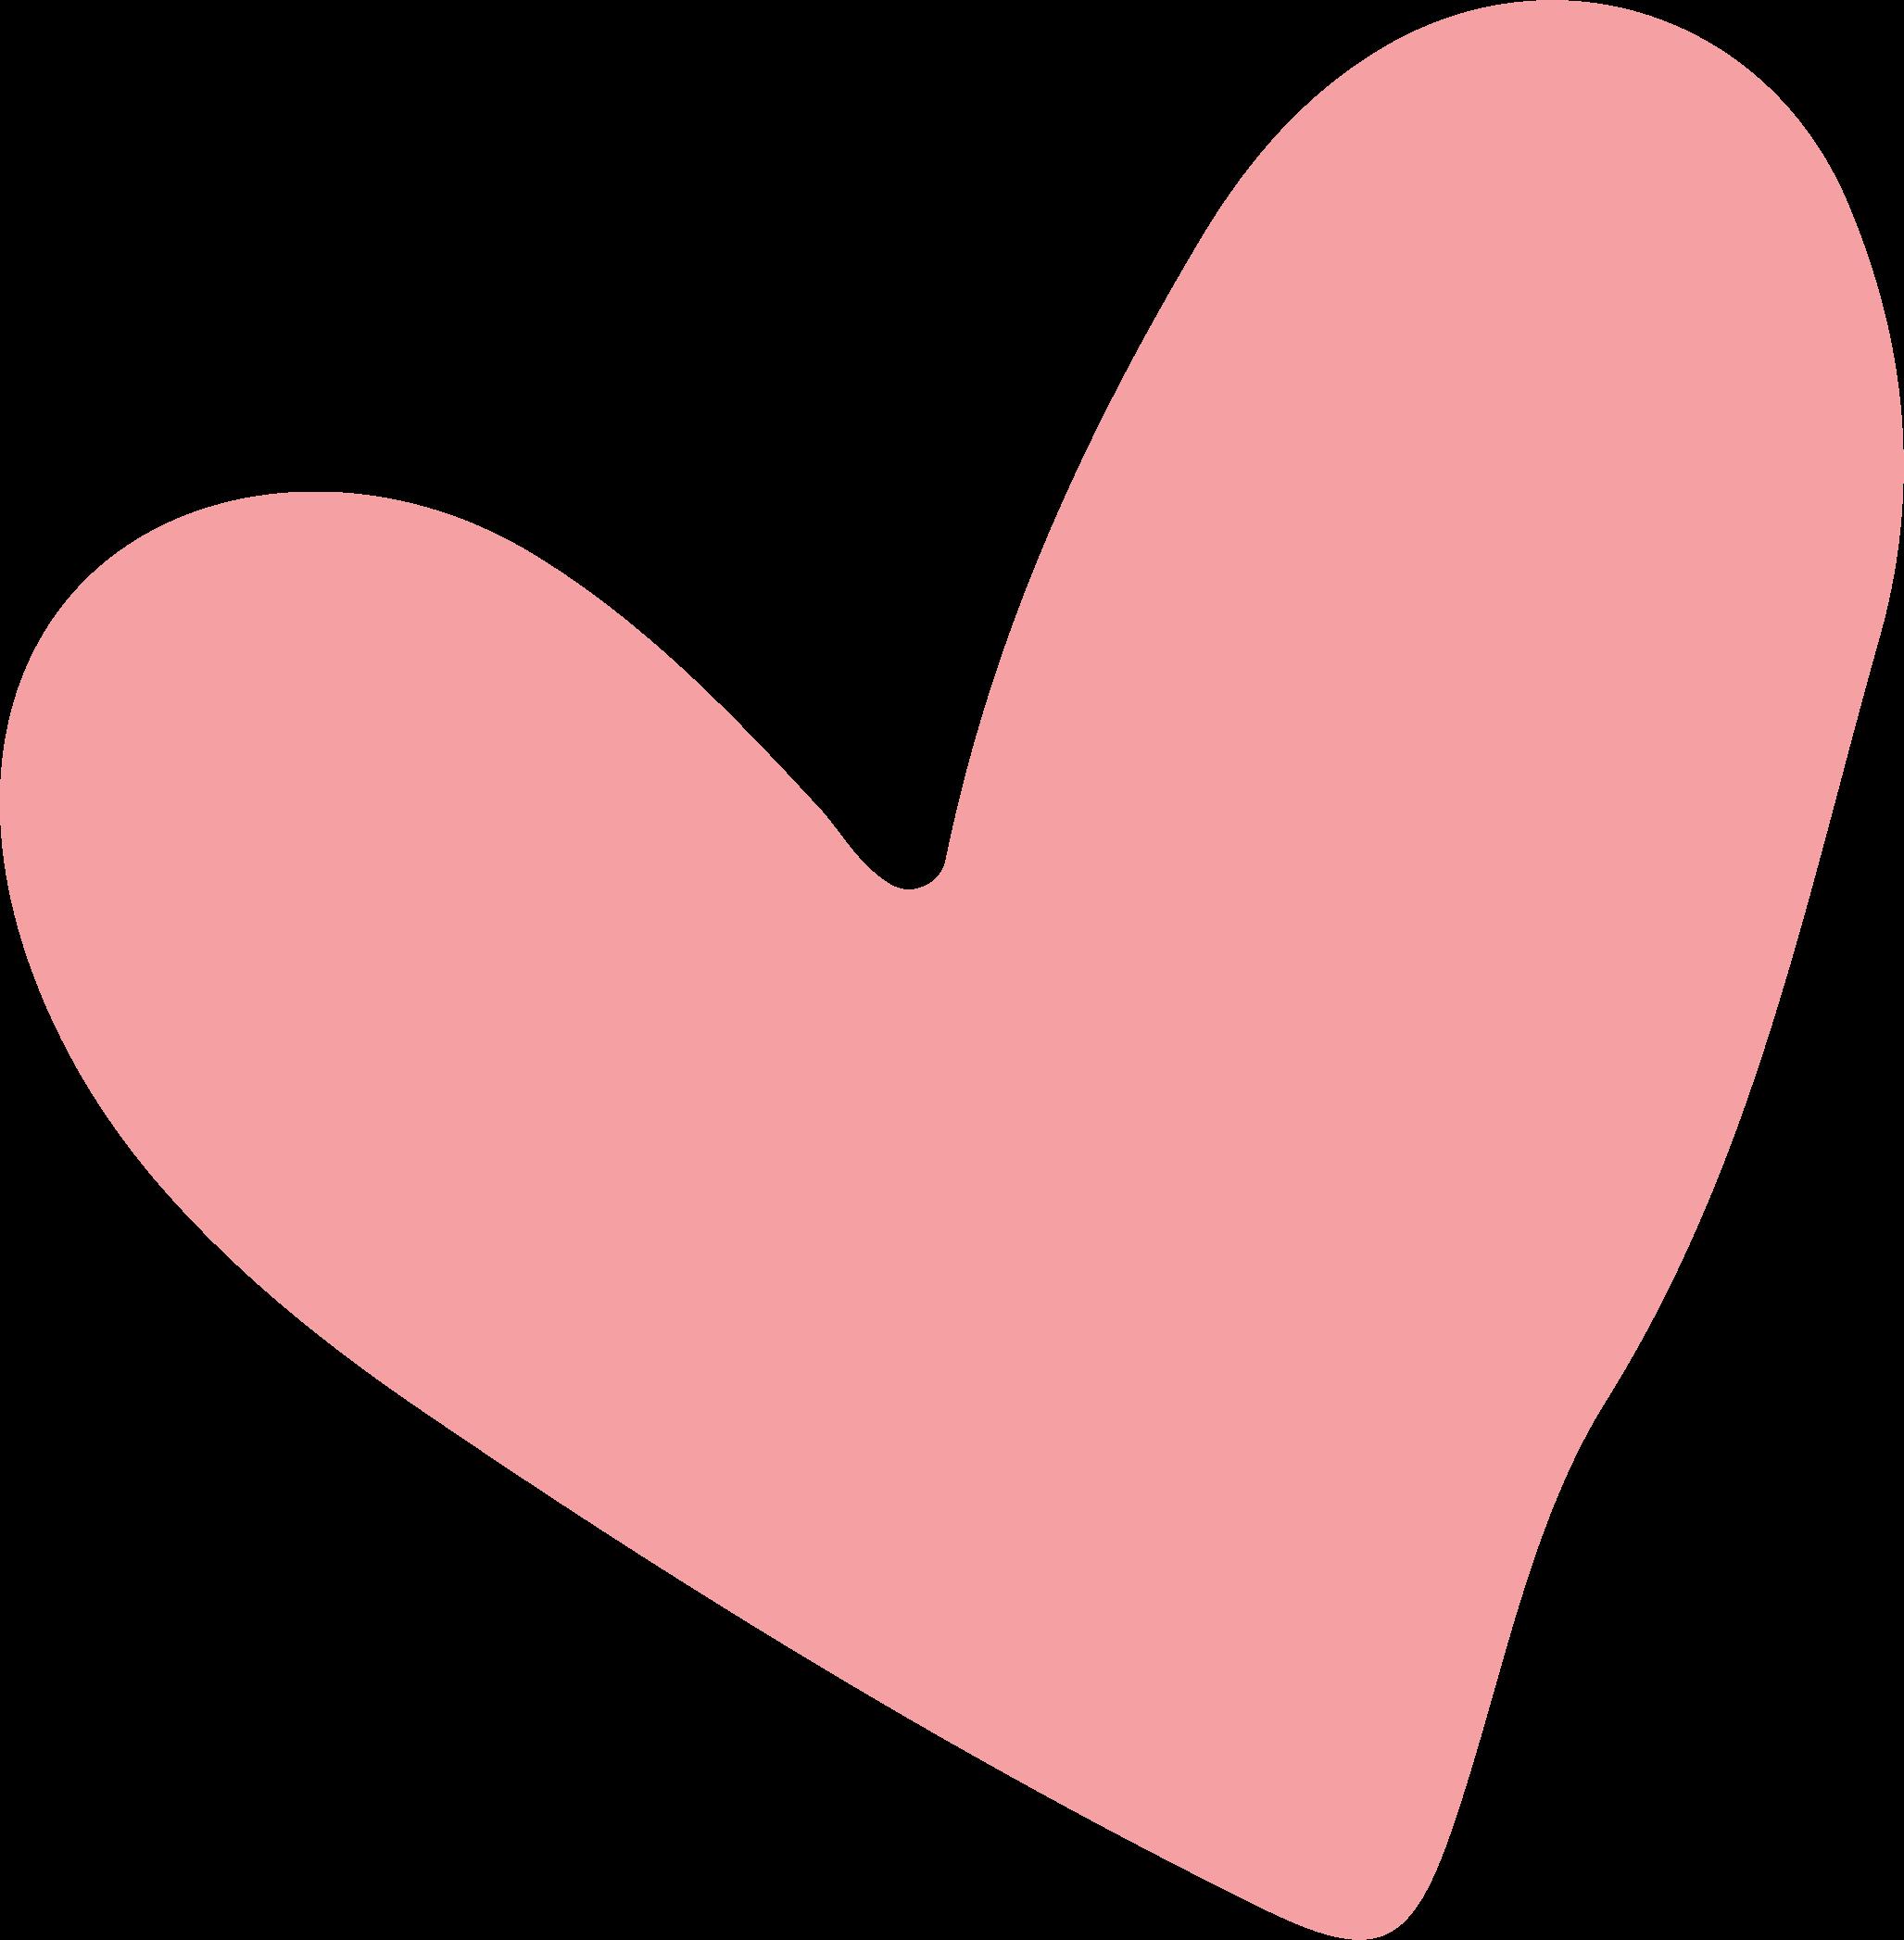 Salon Heart SVG Cut File